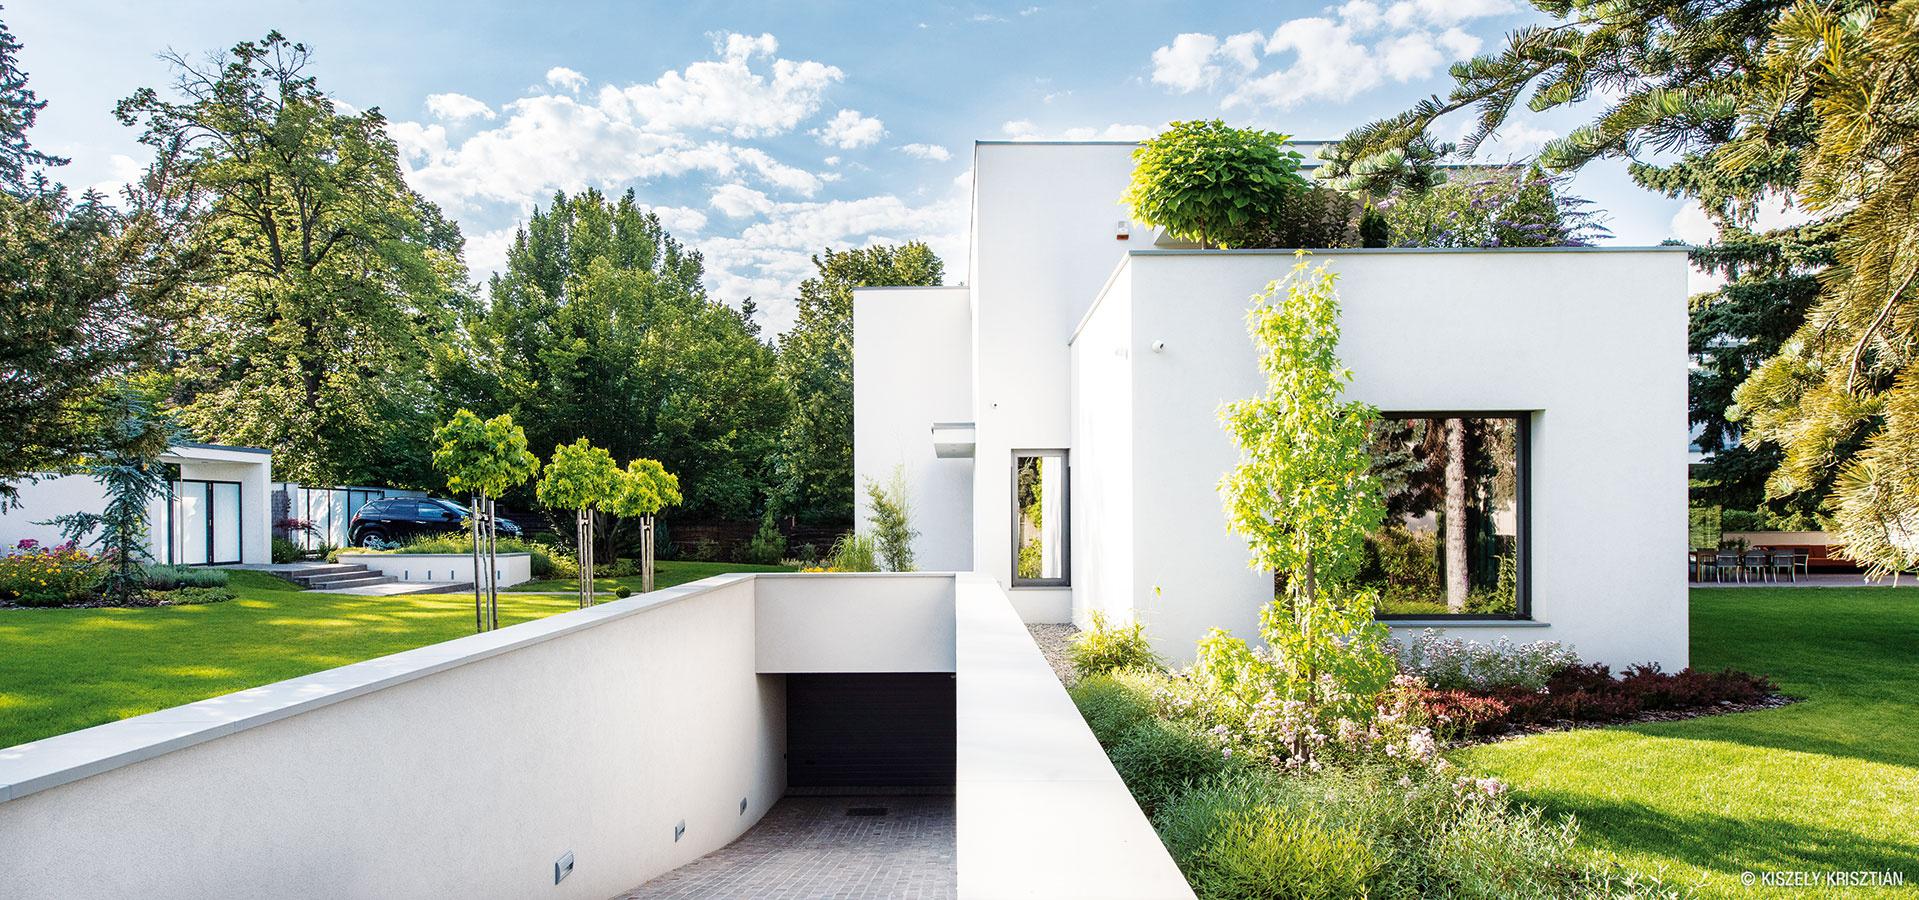 Technické zázemie so svojským vstupom je dôkazom toho, ako sa tvarovo jednoduché časti budovy na seba zaujímavo vrstvia, prelínajú so stromami afunkčne odlišujú.